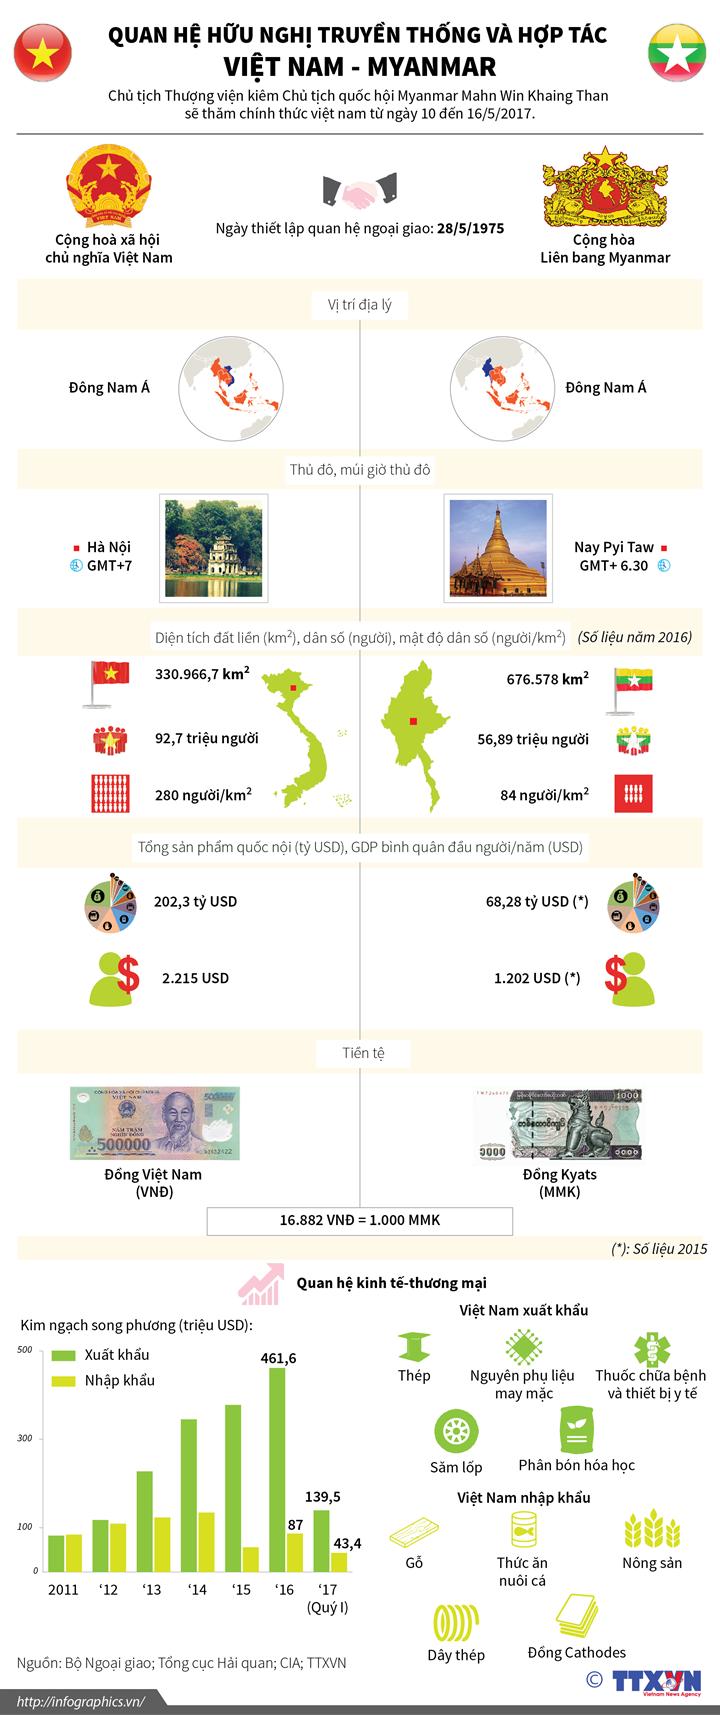 Quan hệ hữu nghị truyền thống và hợp tác  Việt Nam - Myanmar